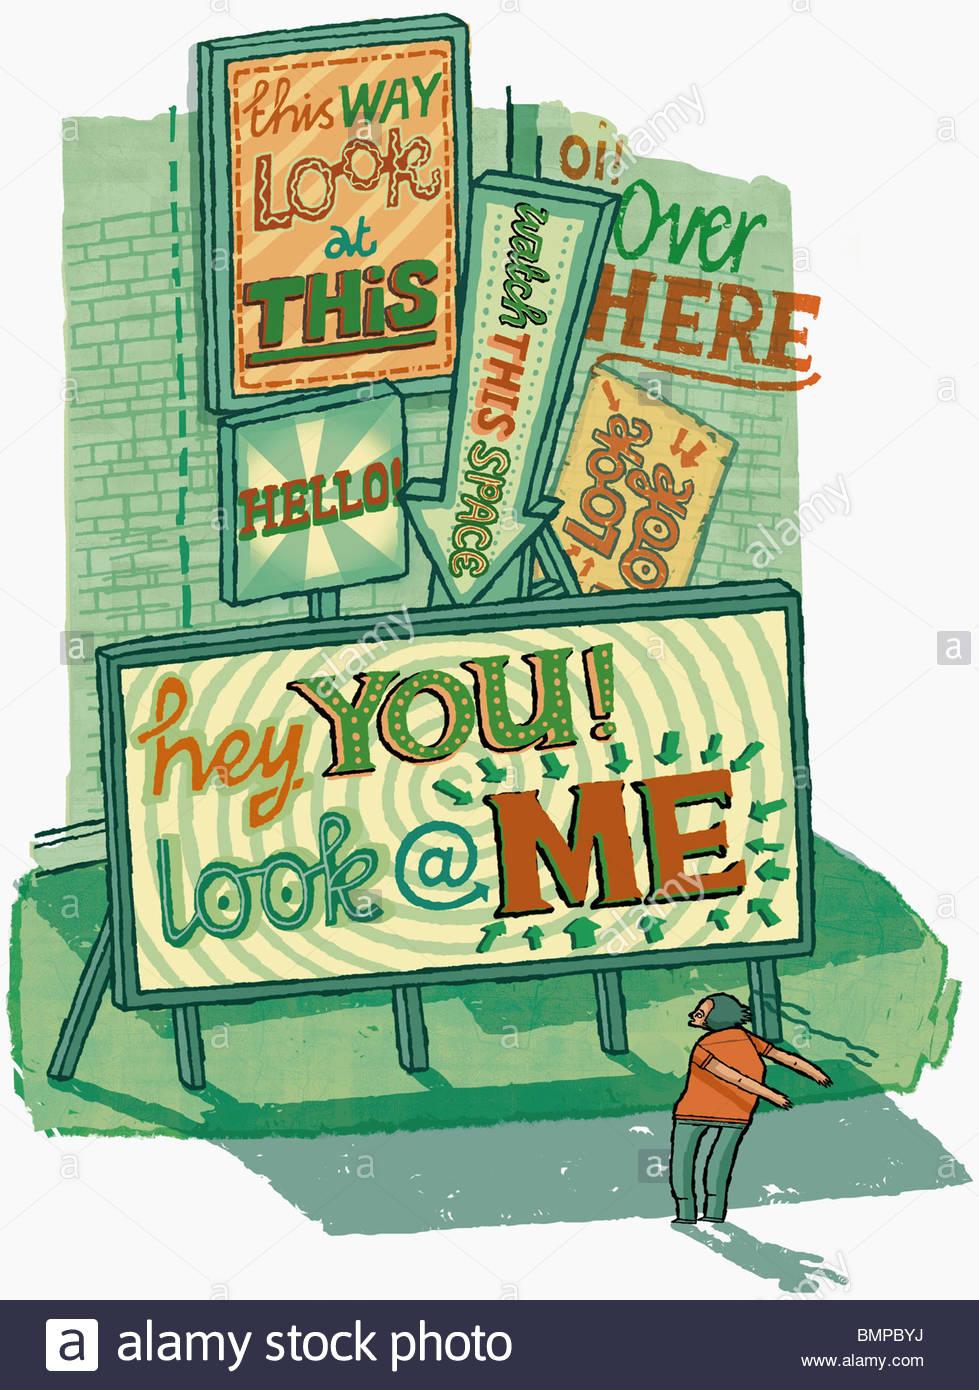 Man standing below billboards - Stock Image